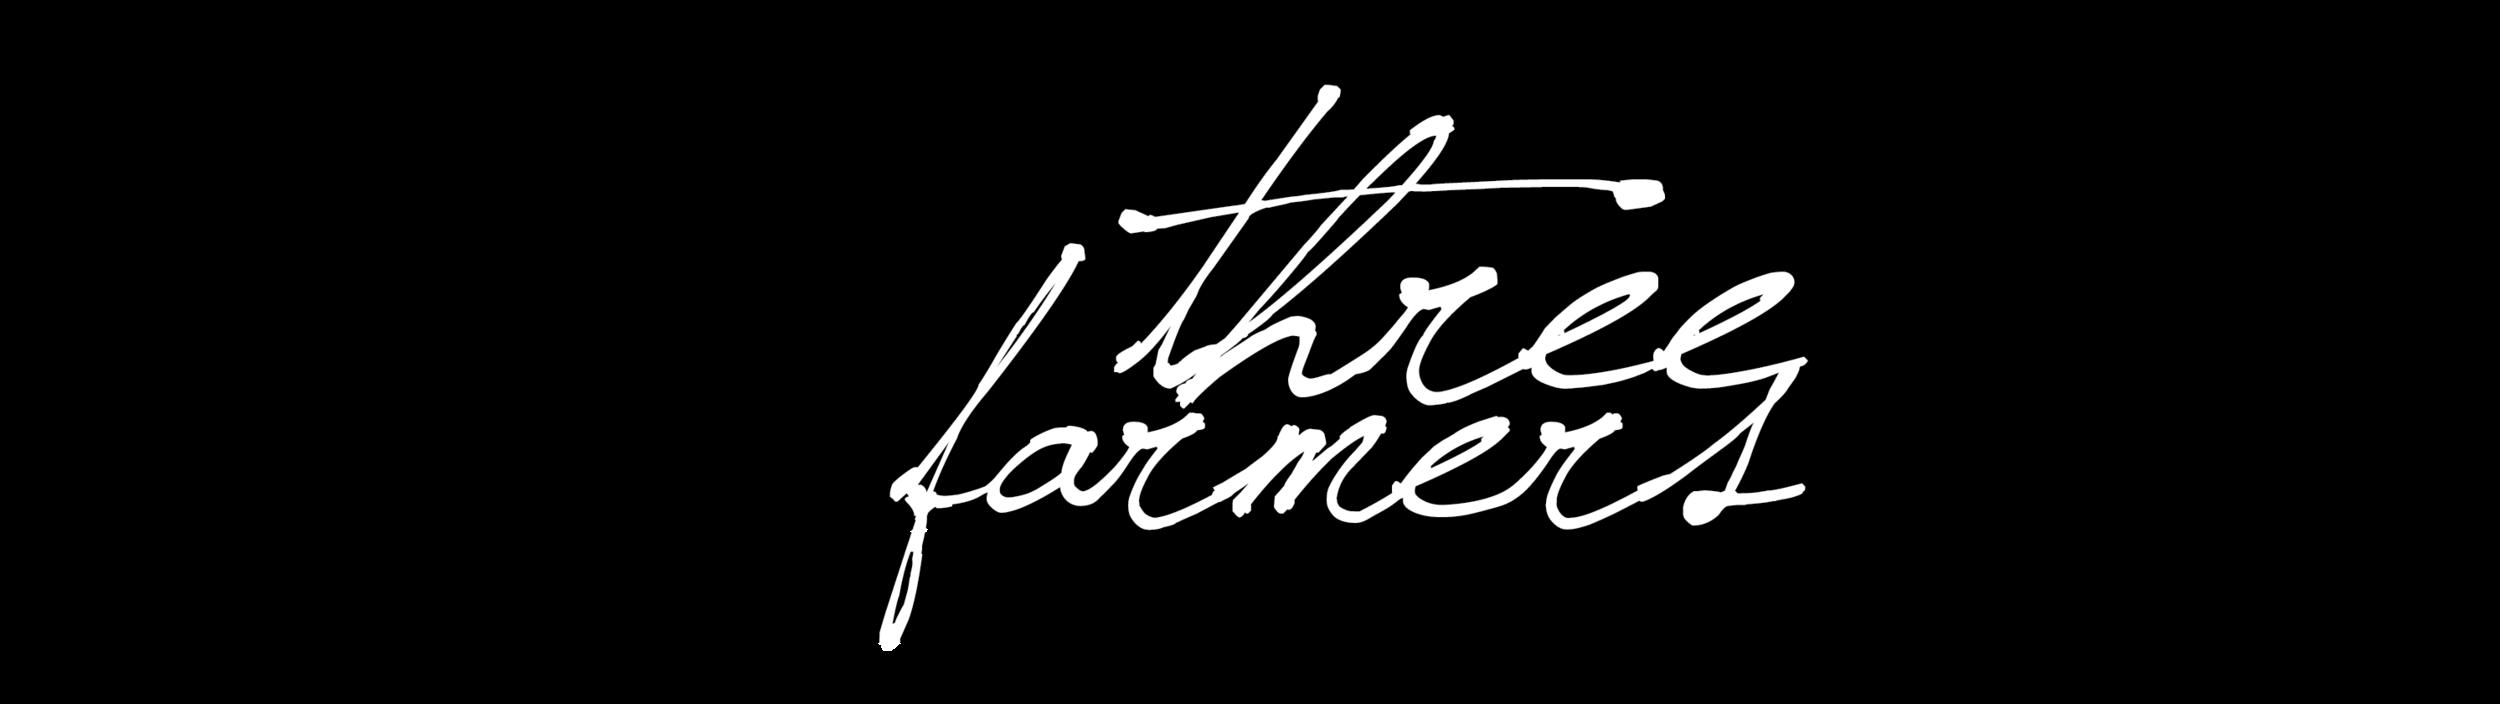 logo - black brush (1) (1).png